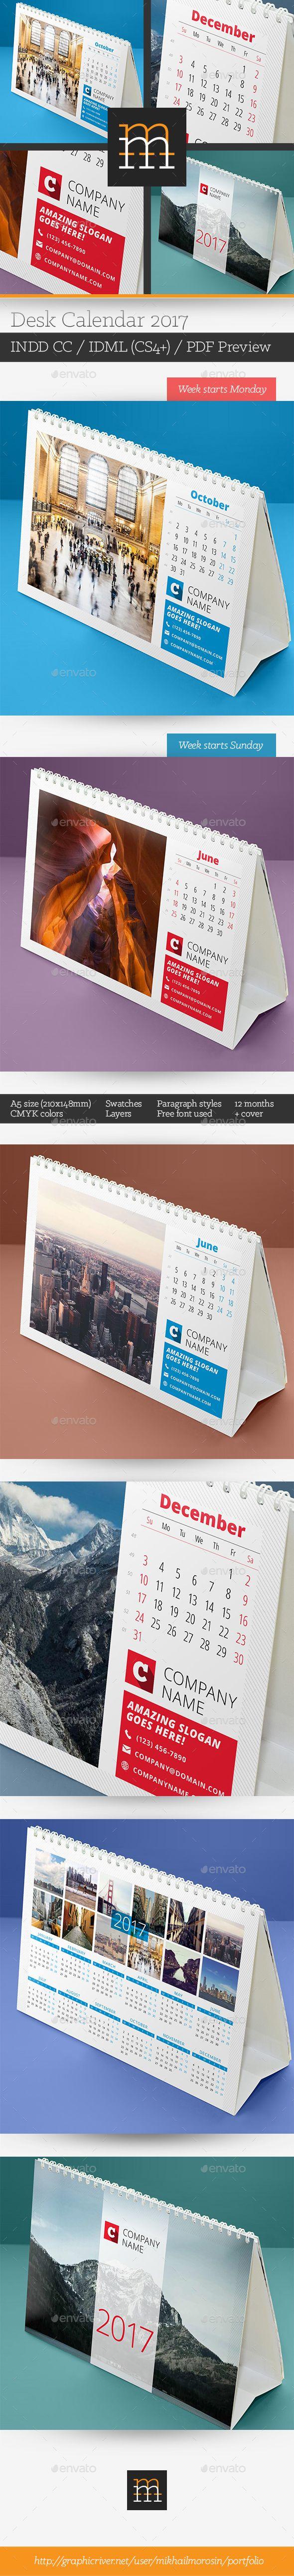 Desk Calendar 2017 Template InDesign INDD. Download here: https://graphicriver.net/item/desk-calendar-2017/17371246?ref=ksioks